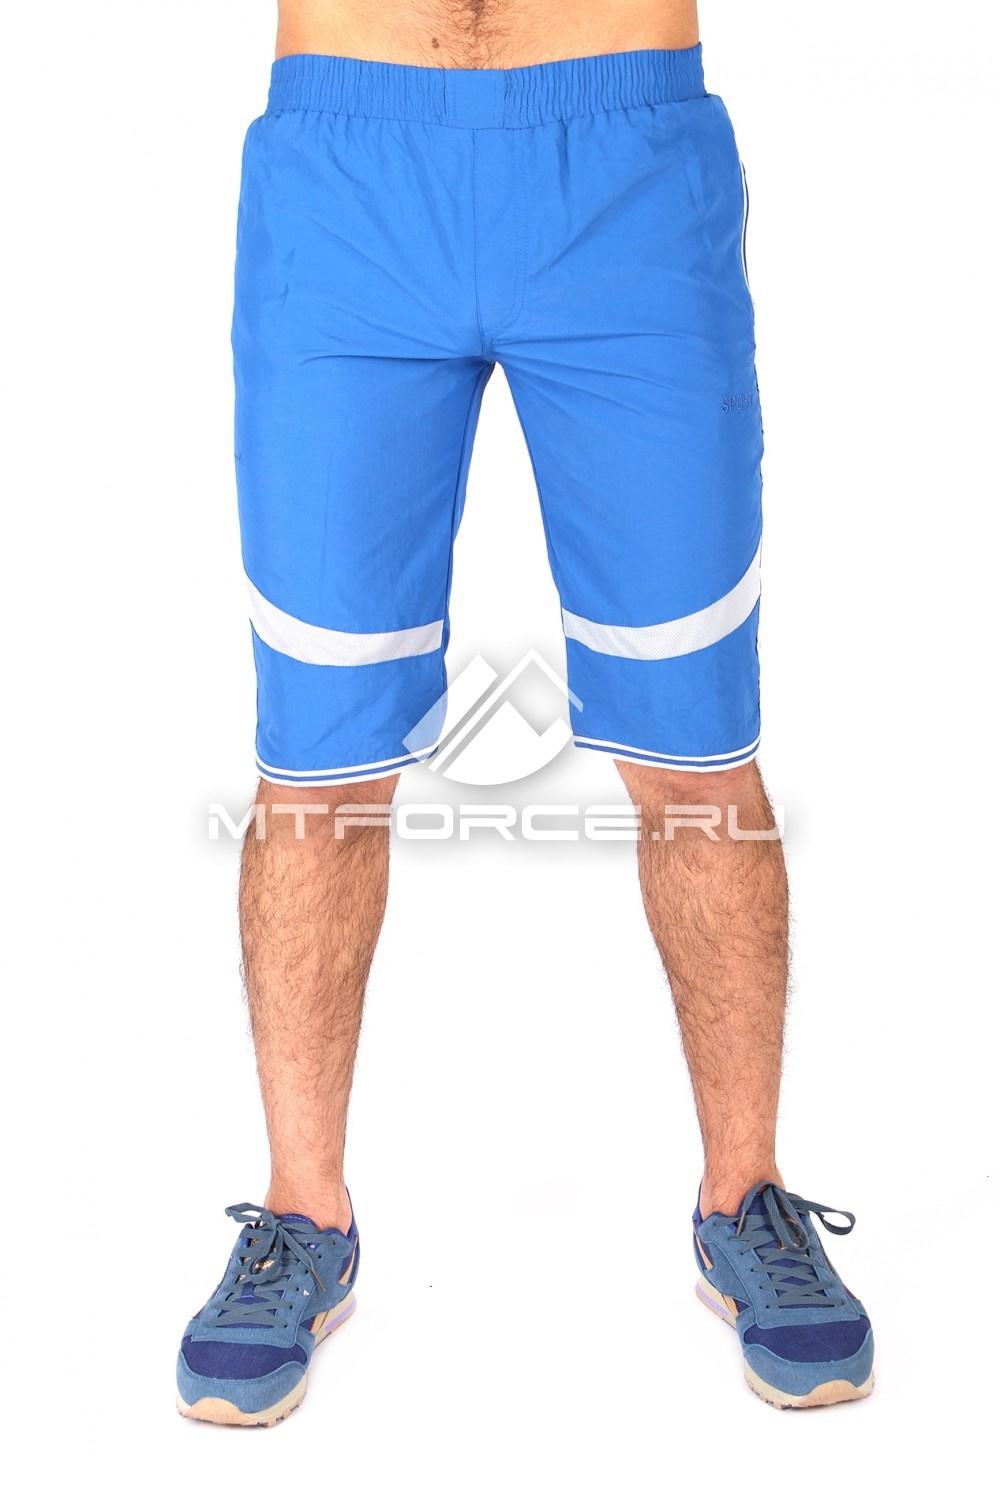 Купить                                  оптом Спортивные шорты синего цвета 717S